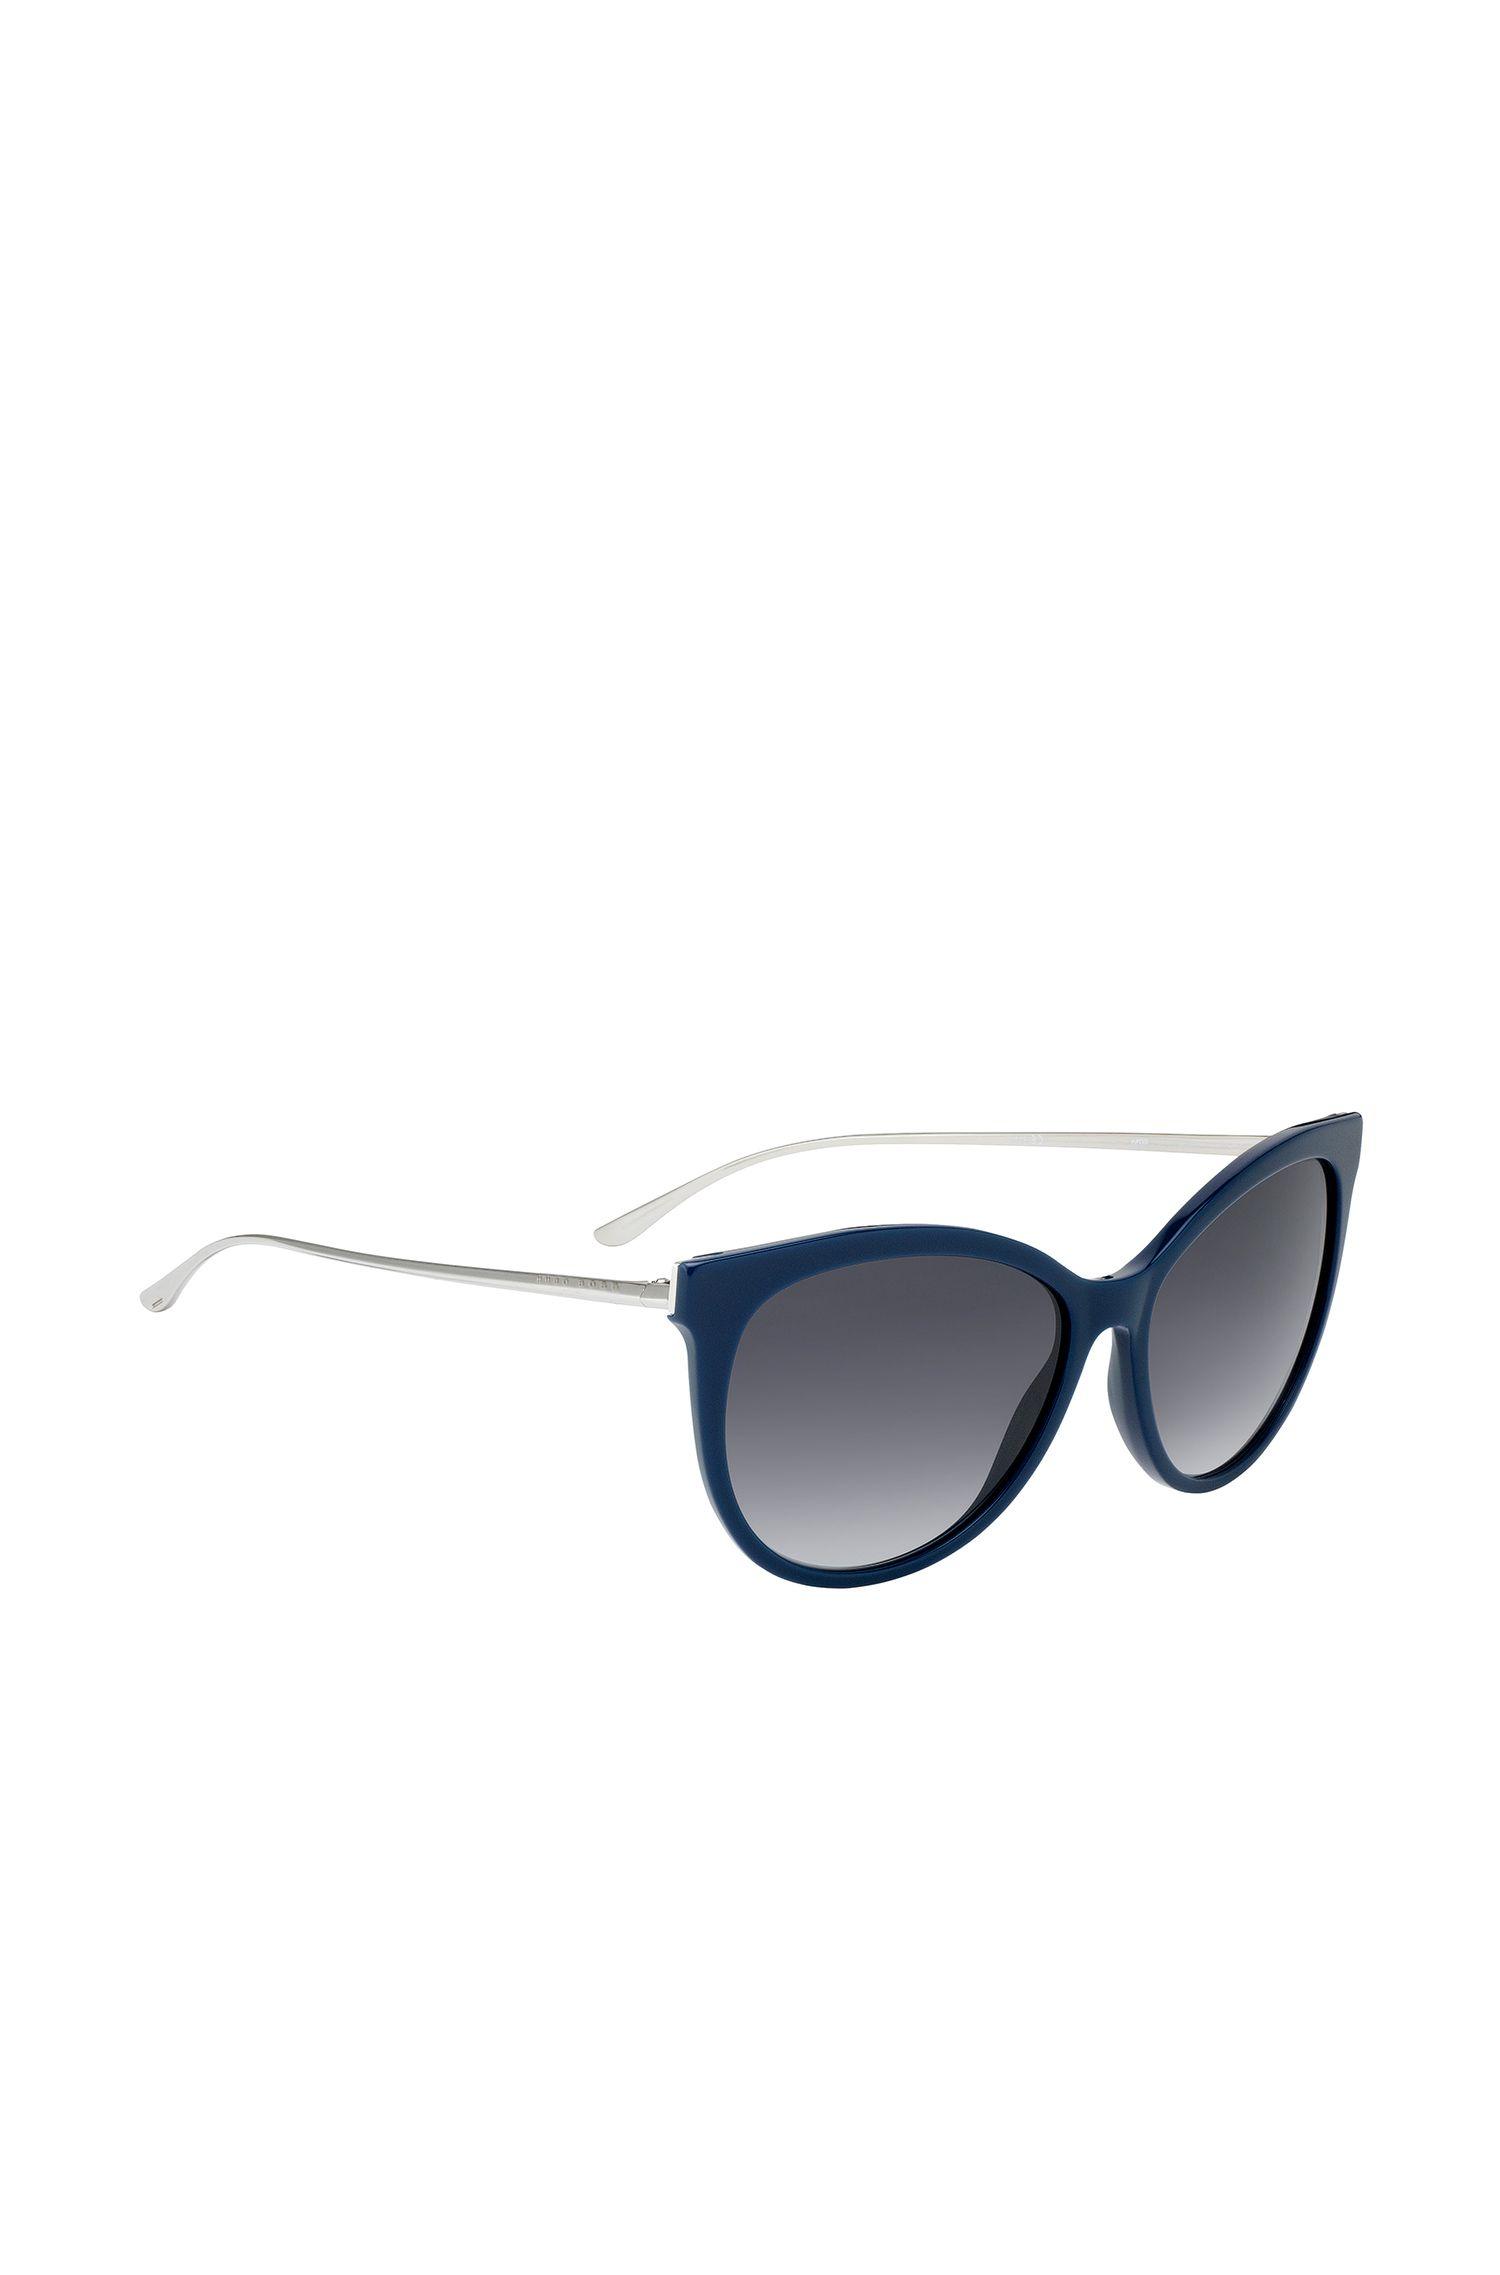 Cateye-Sonnenbrille aus Acetat mit Metall-Bügeln